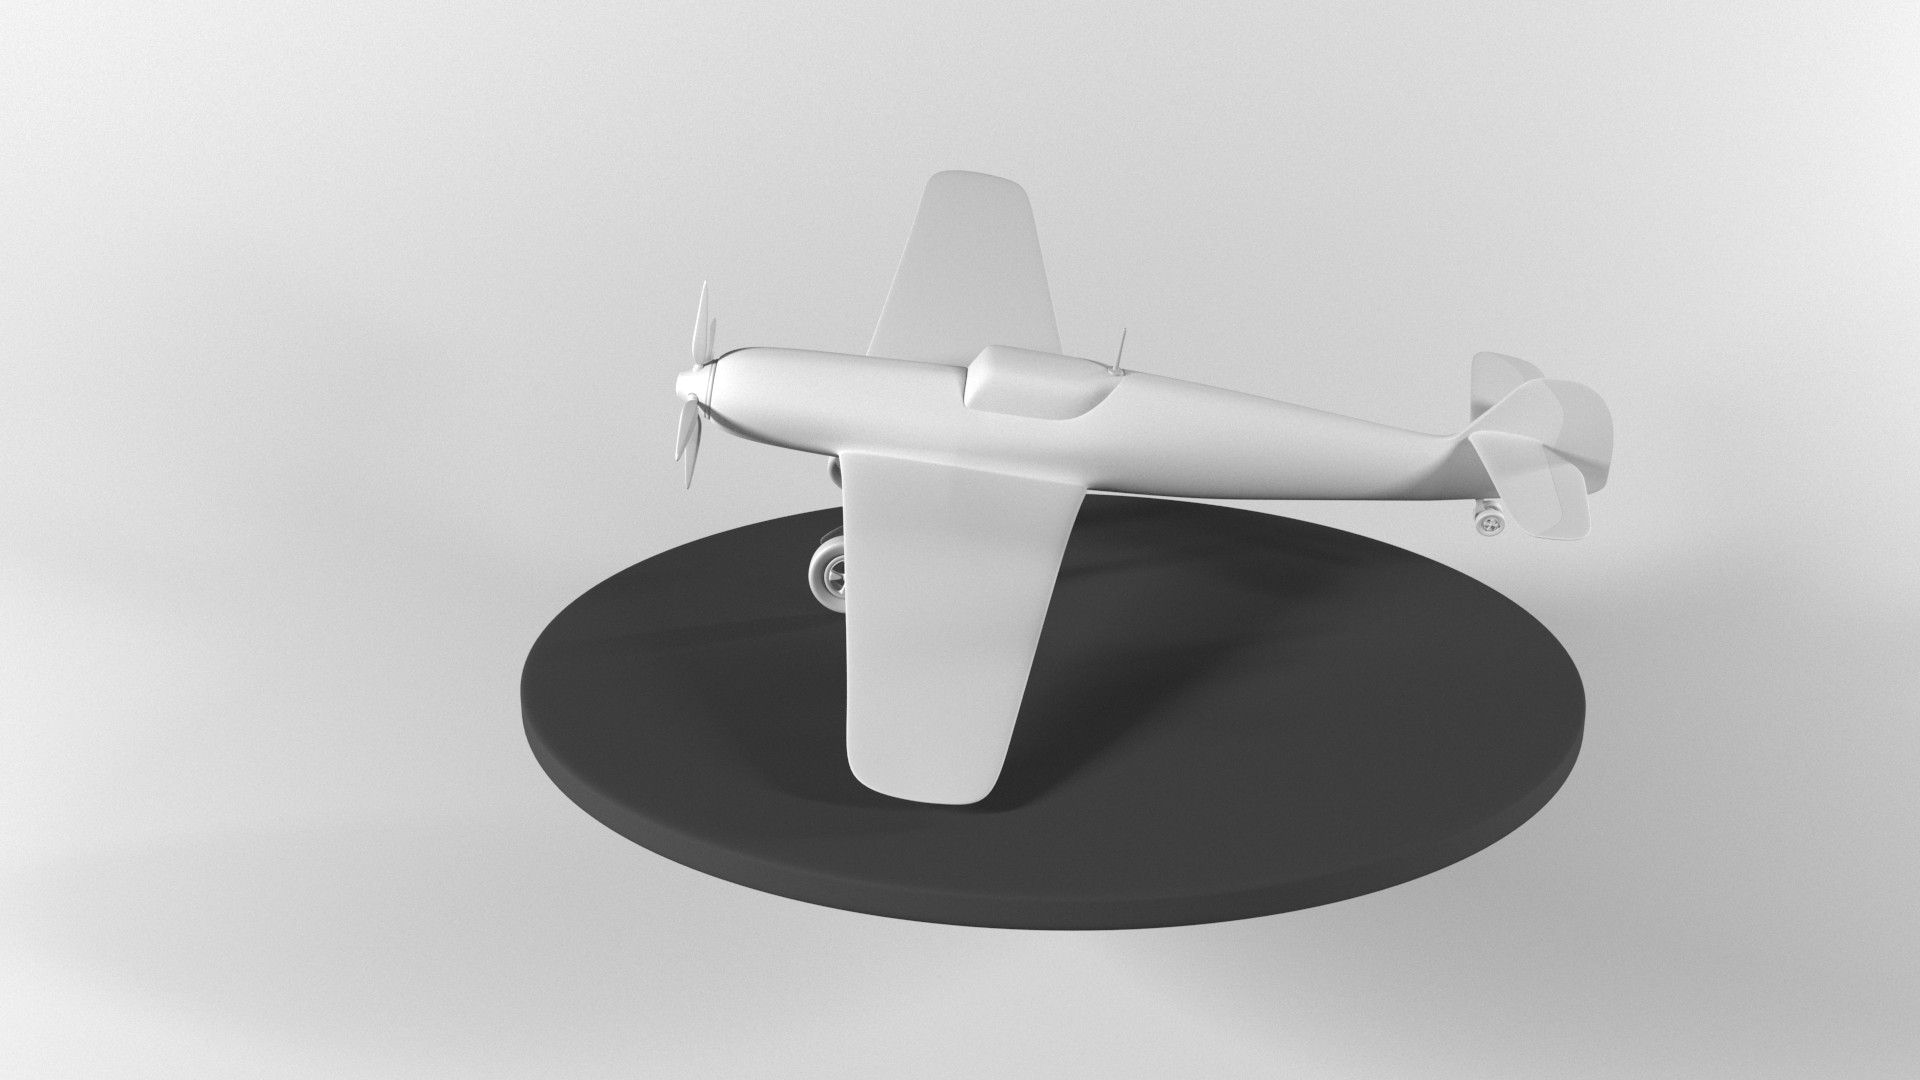 Doss Nguyen - Plane 3d Modeling